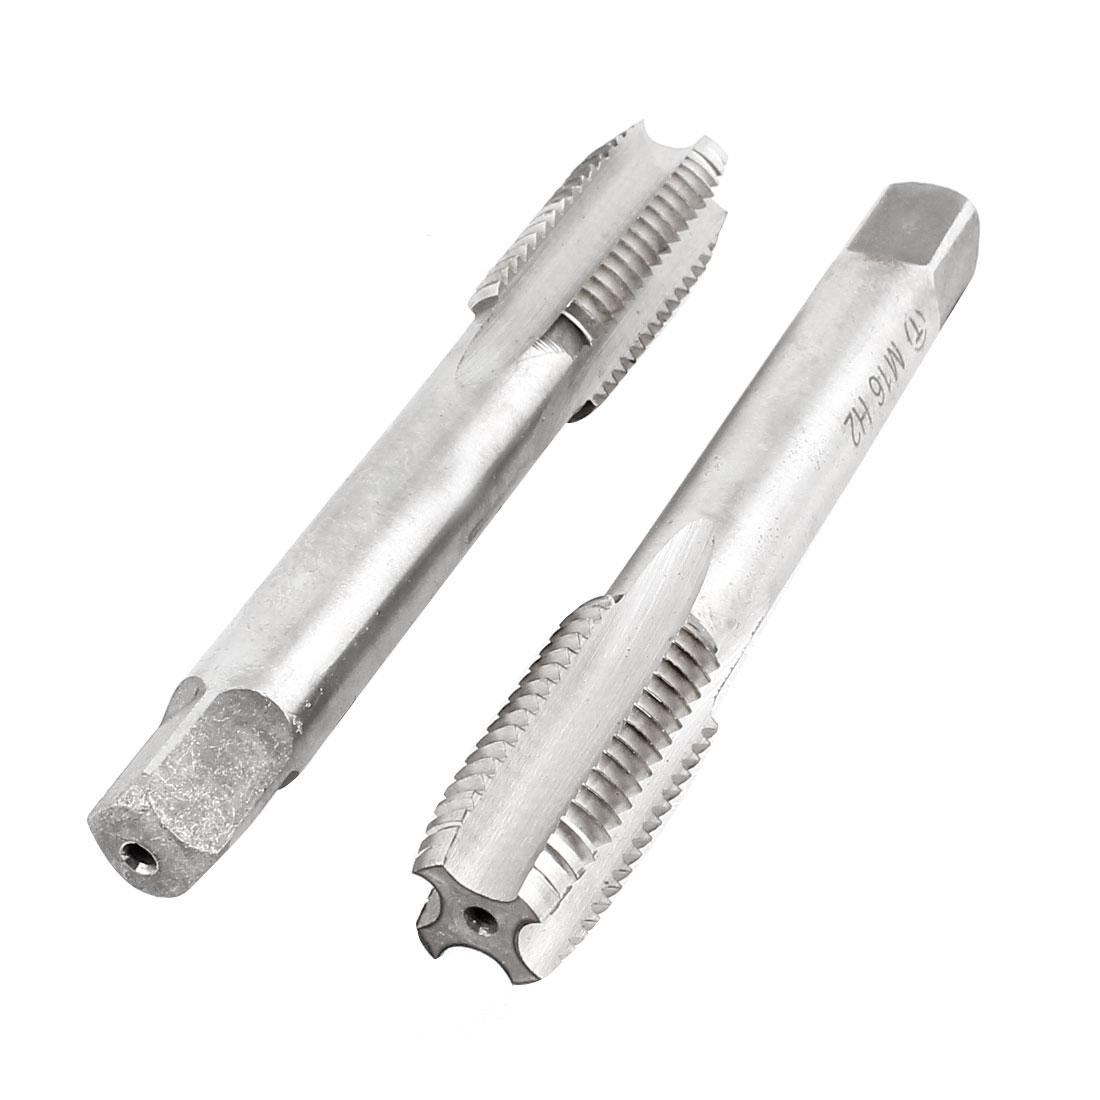 2 Pcs M16x33mm HSS 4 Flutes Machine Screw Thread Straight Metric Plug Taps